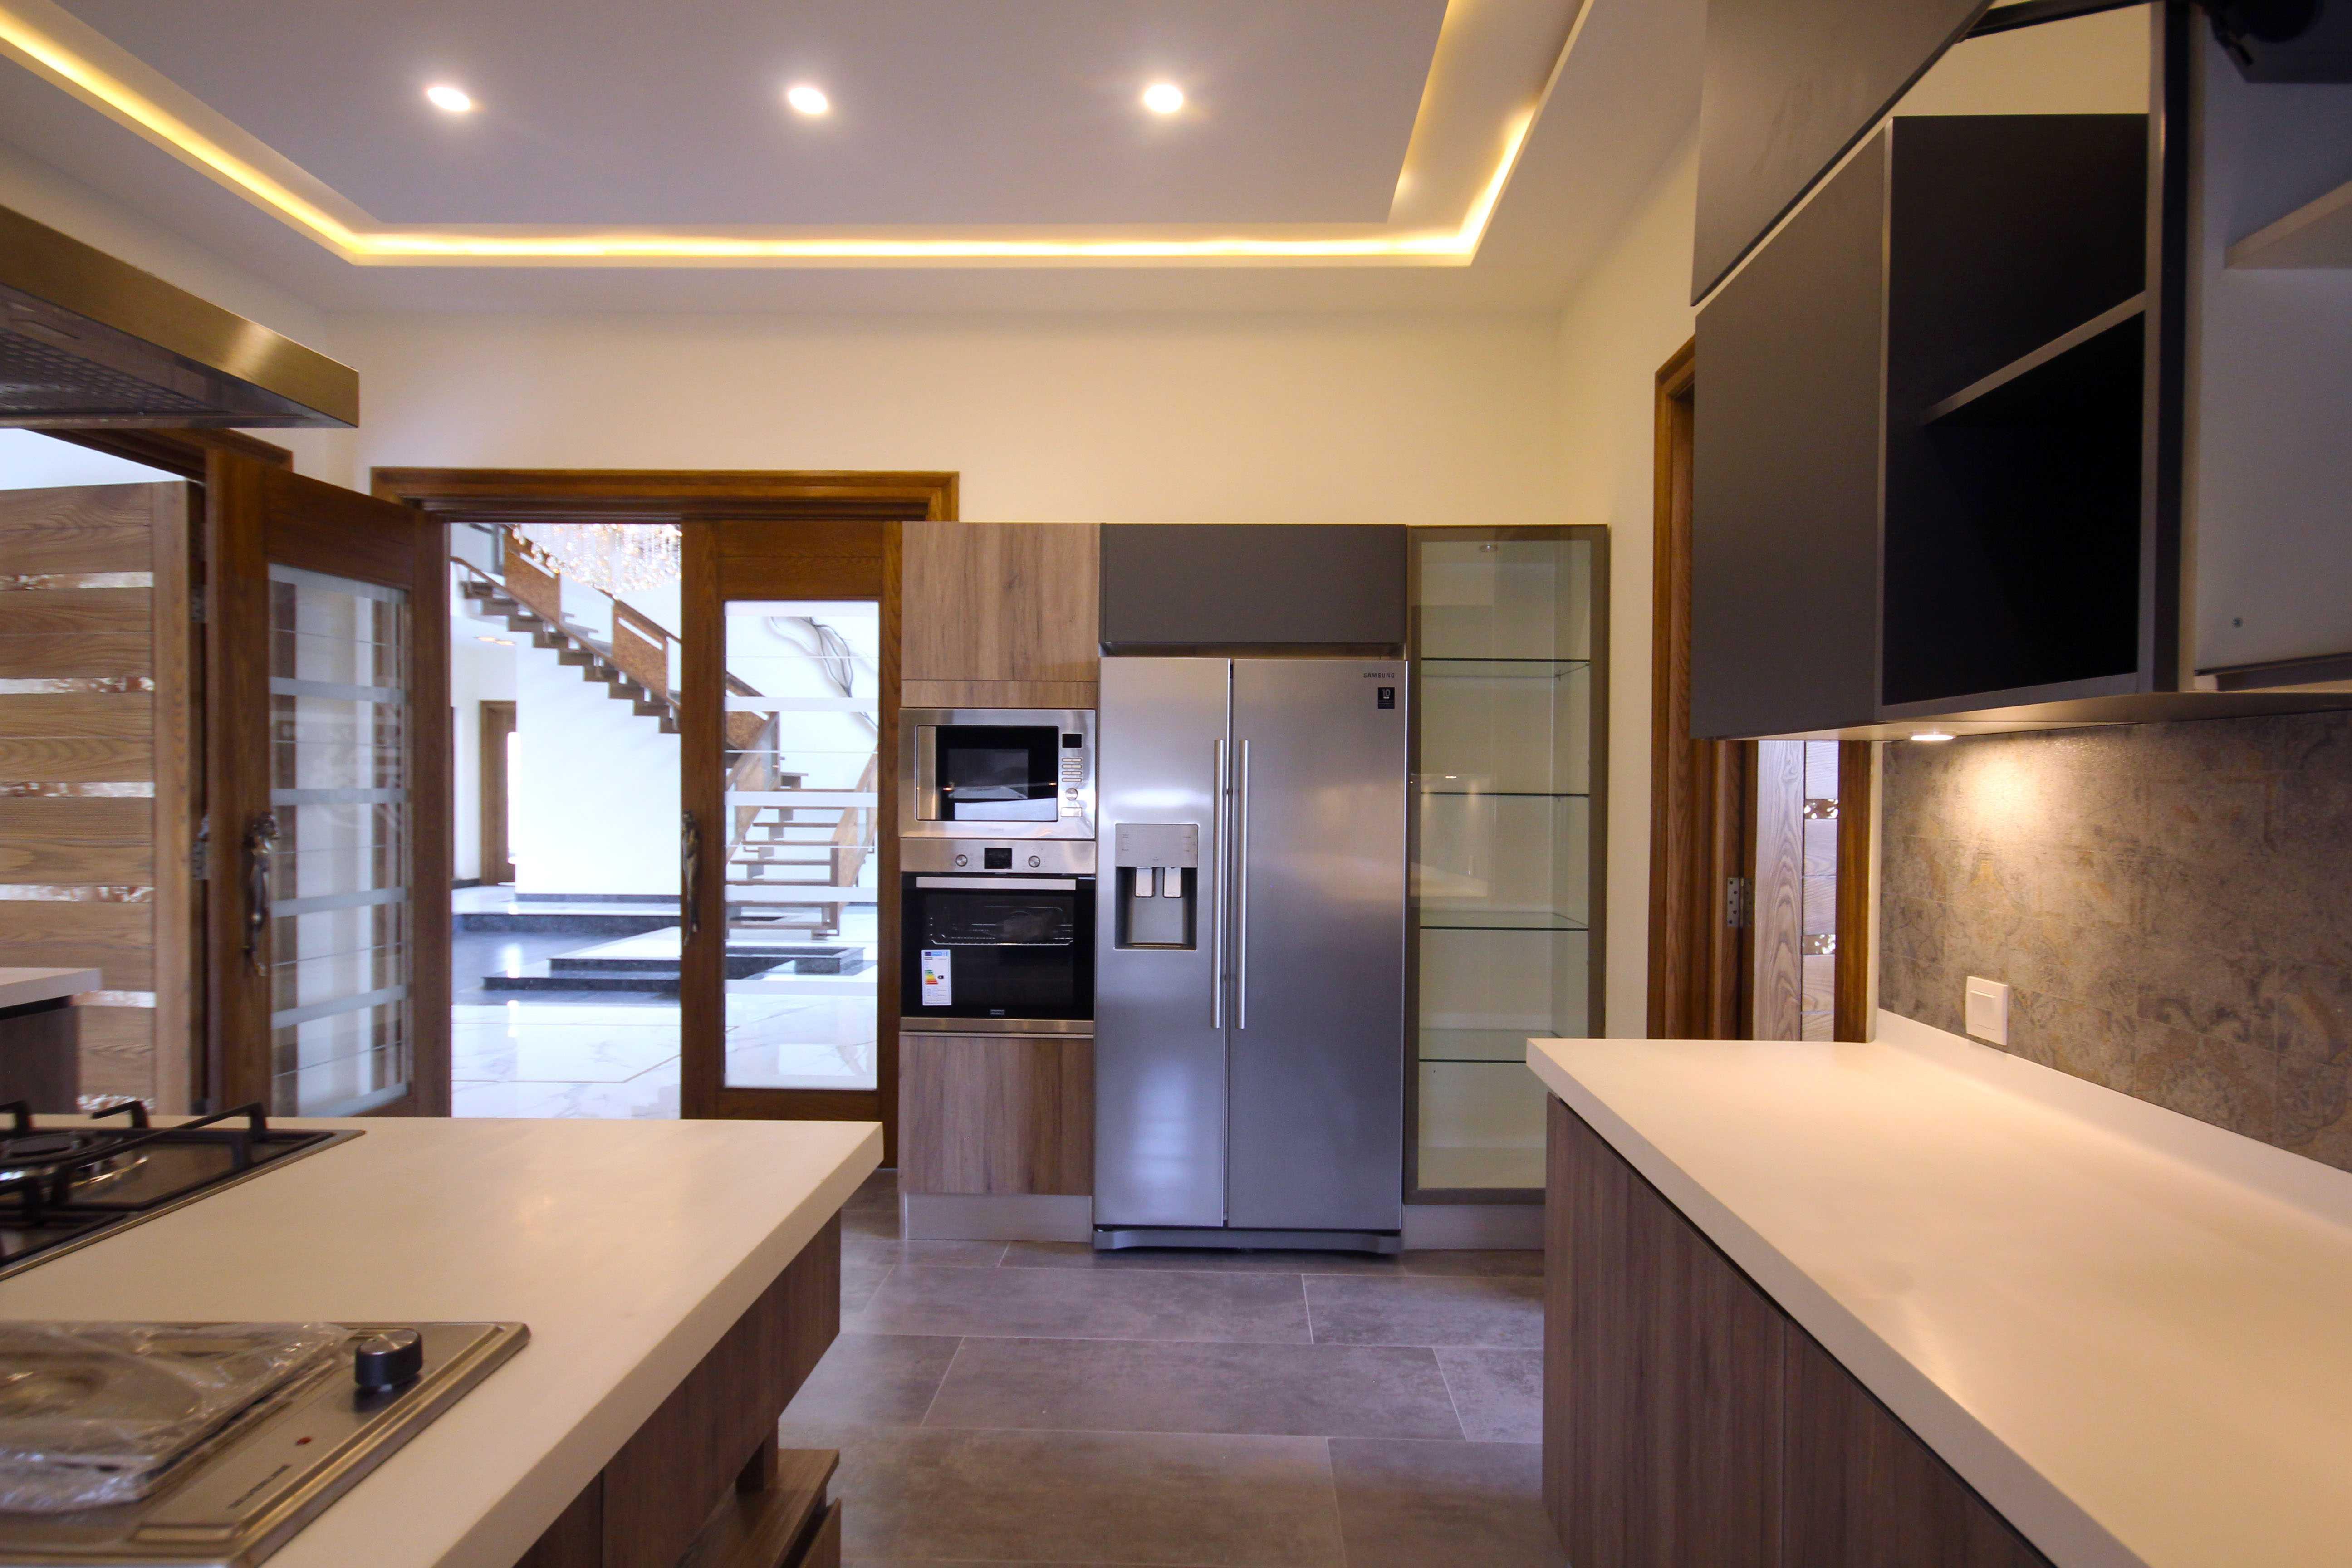 2 kanal lavish bungalow with full basement phase 6